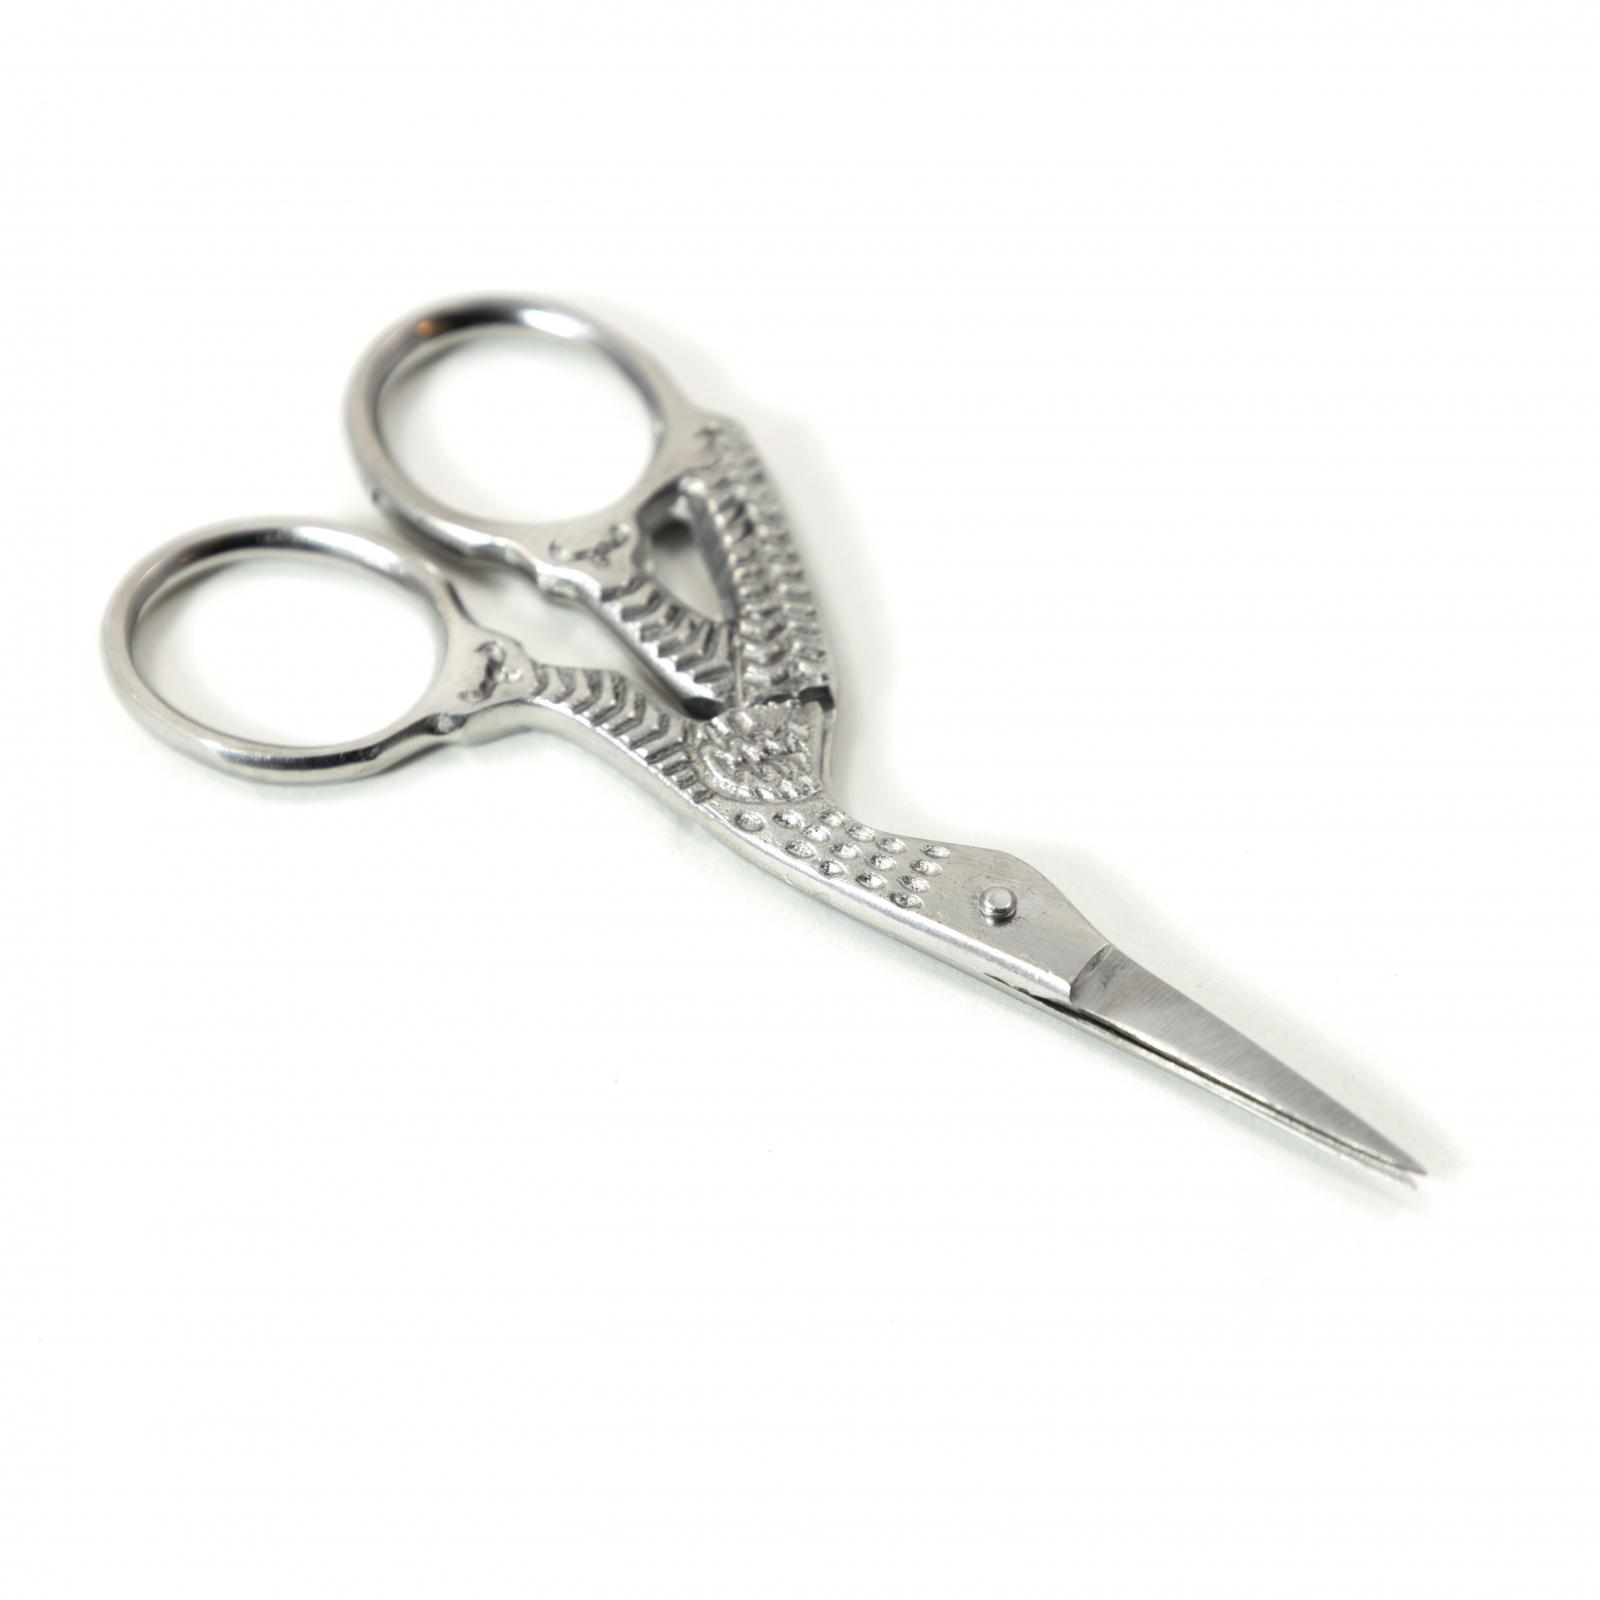 3.5 Inch Sharp Tip Stork Stainless Steel Tailors Scissors